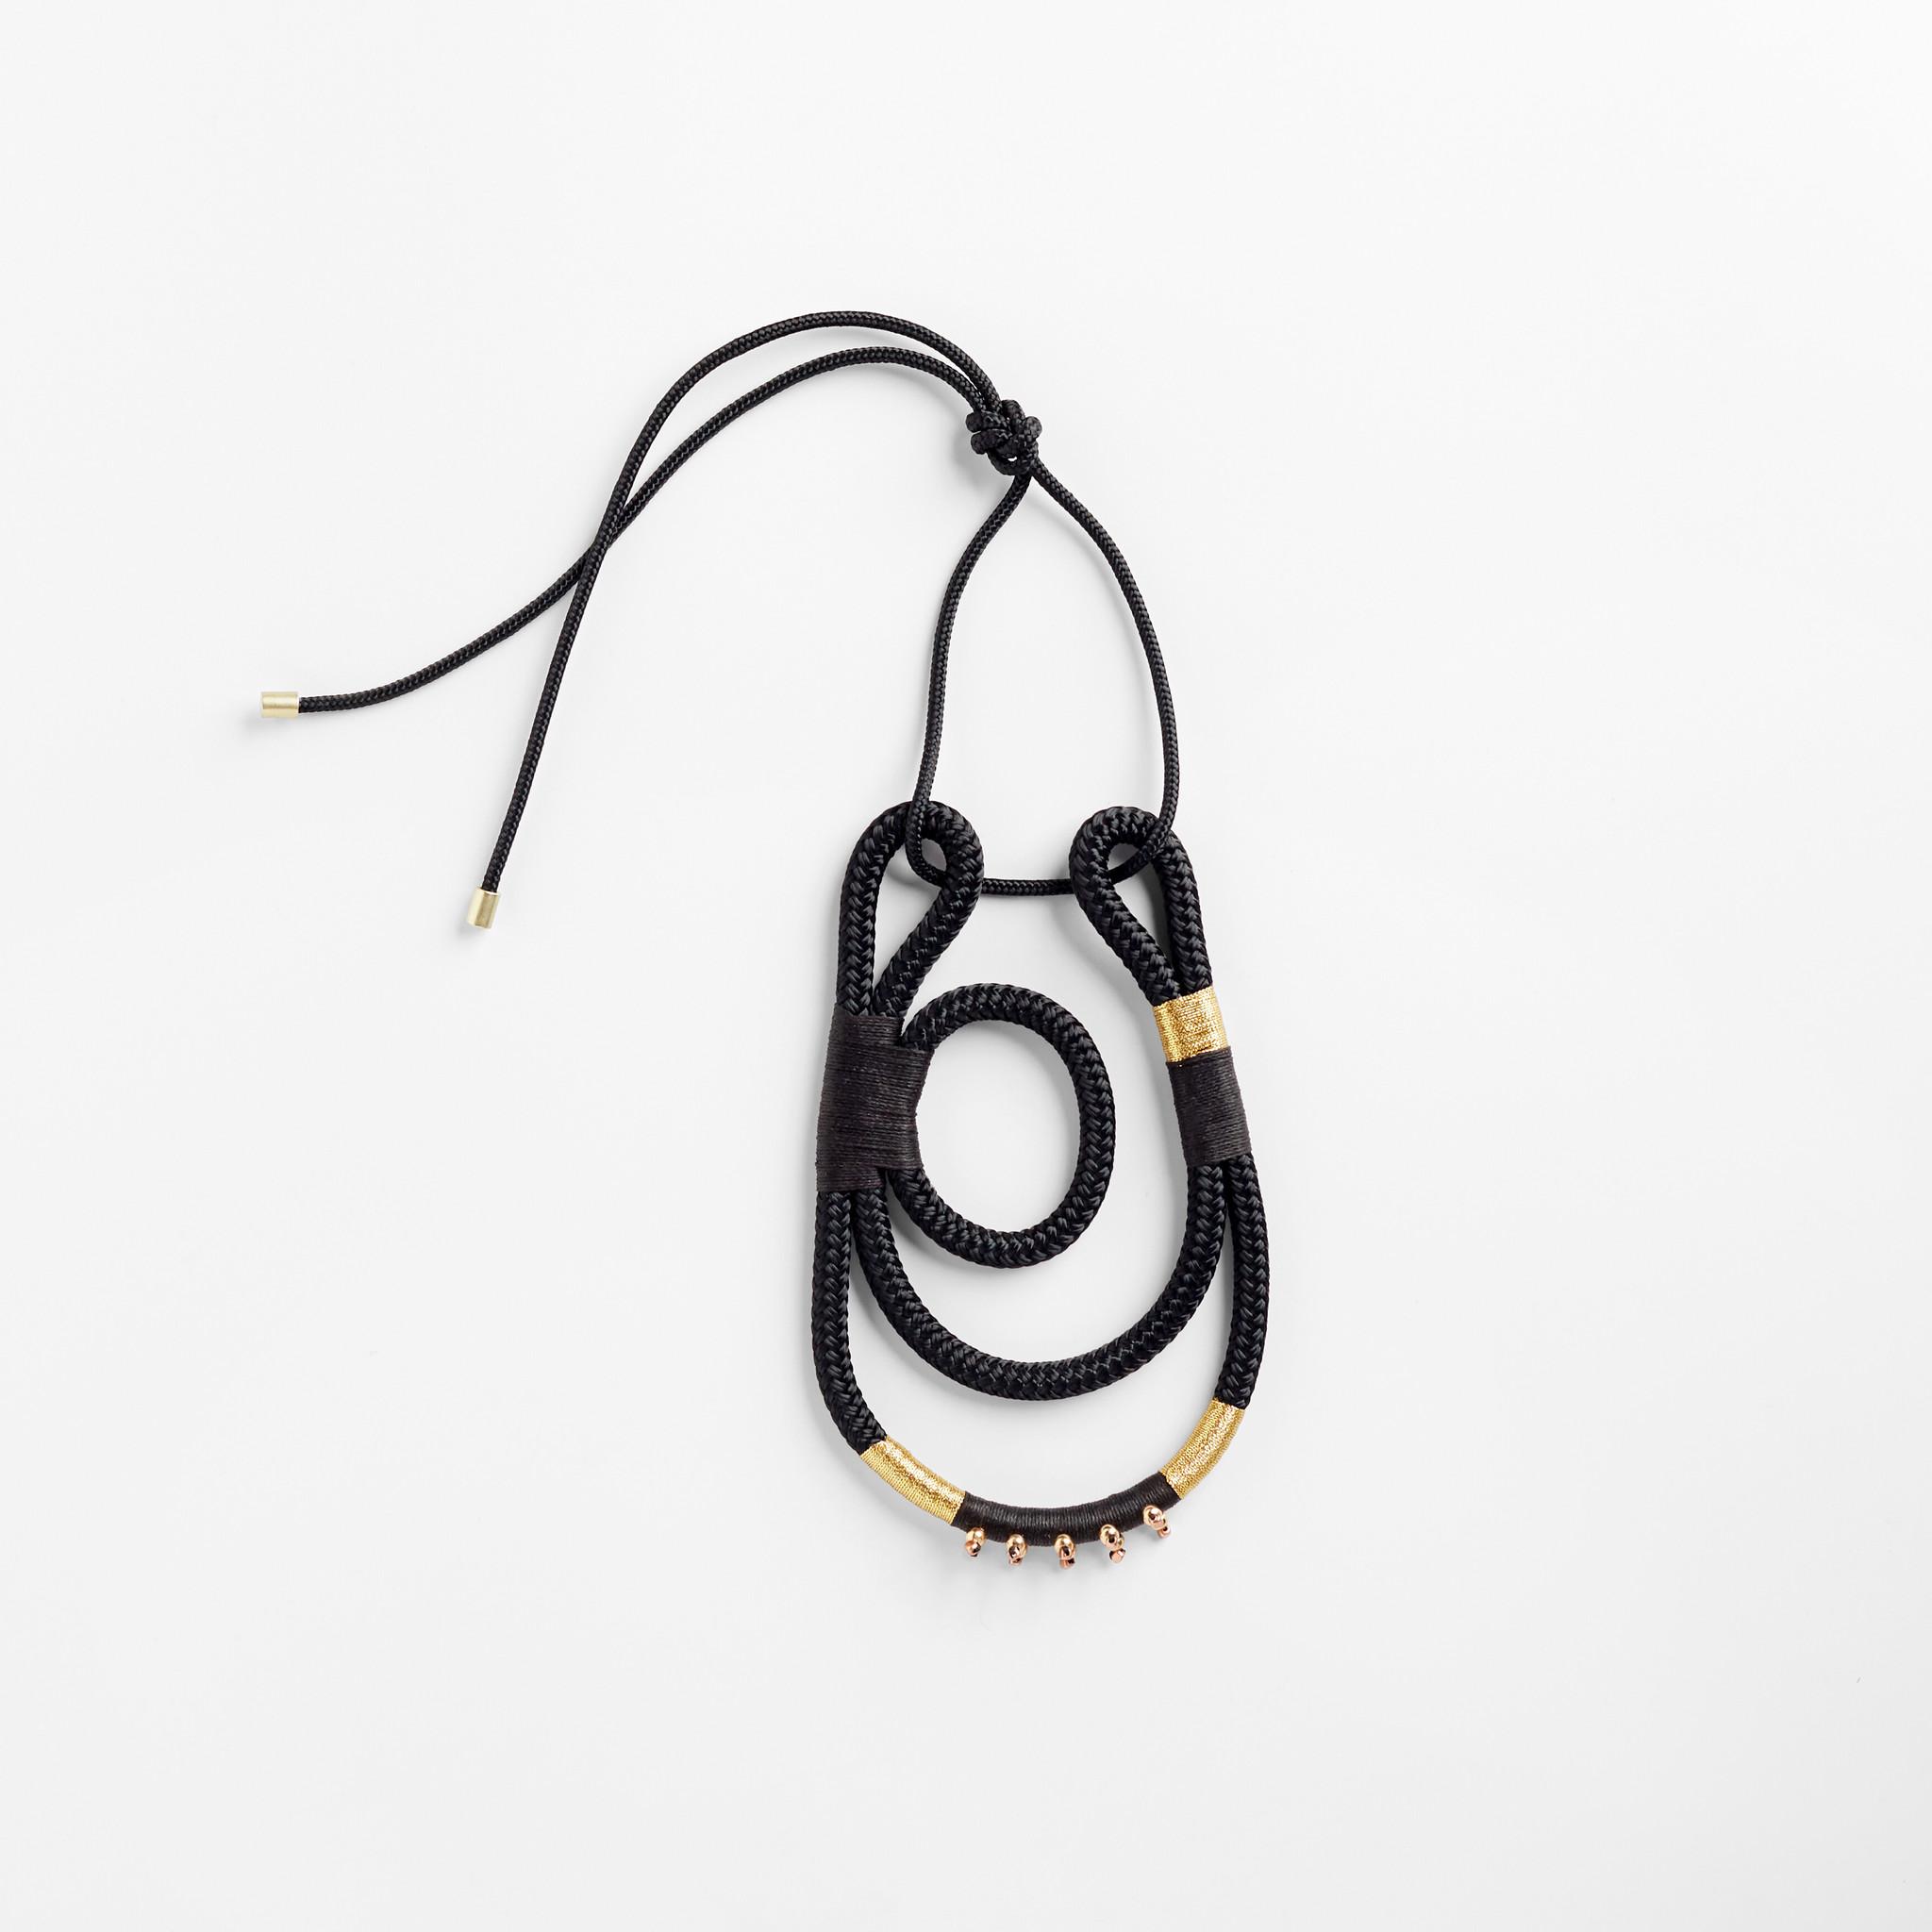 Pichulik Geisha Curve Necklace Black Gold